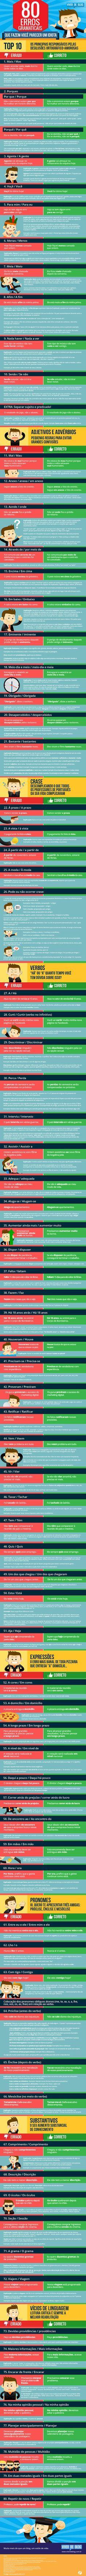 Infográfico traz 80 erros gramaticais que ninguém deve cometer   Catraca Livre